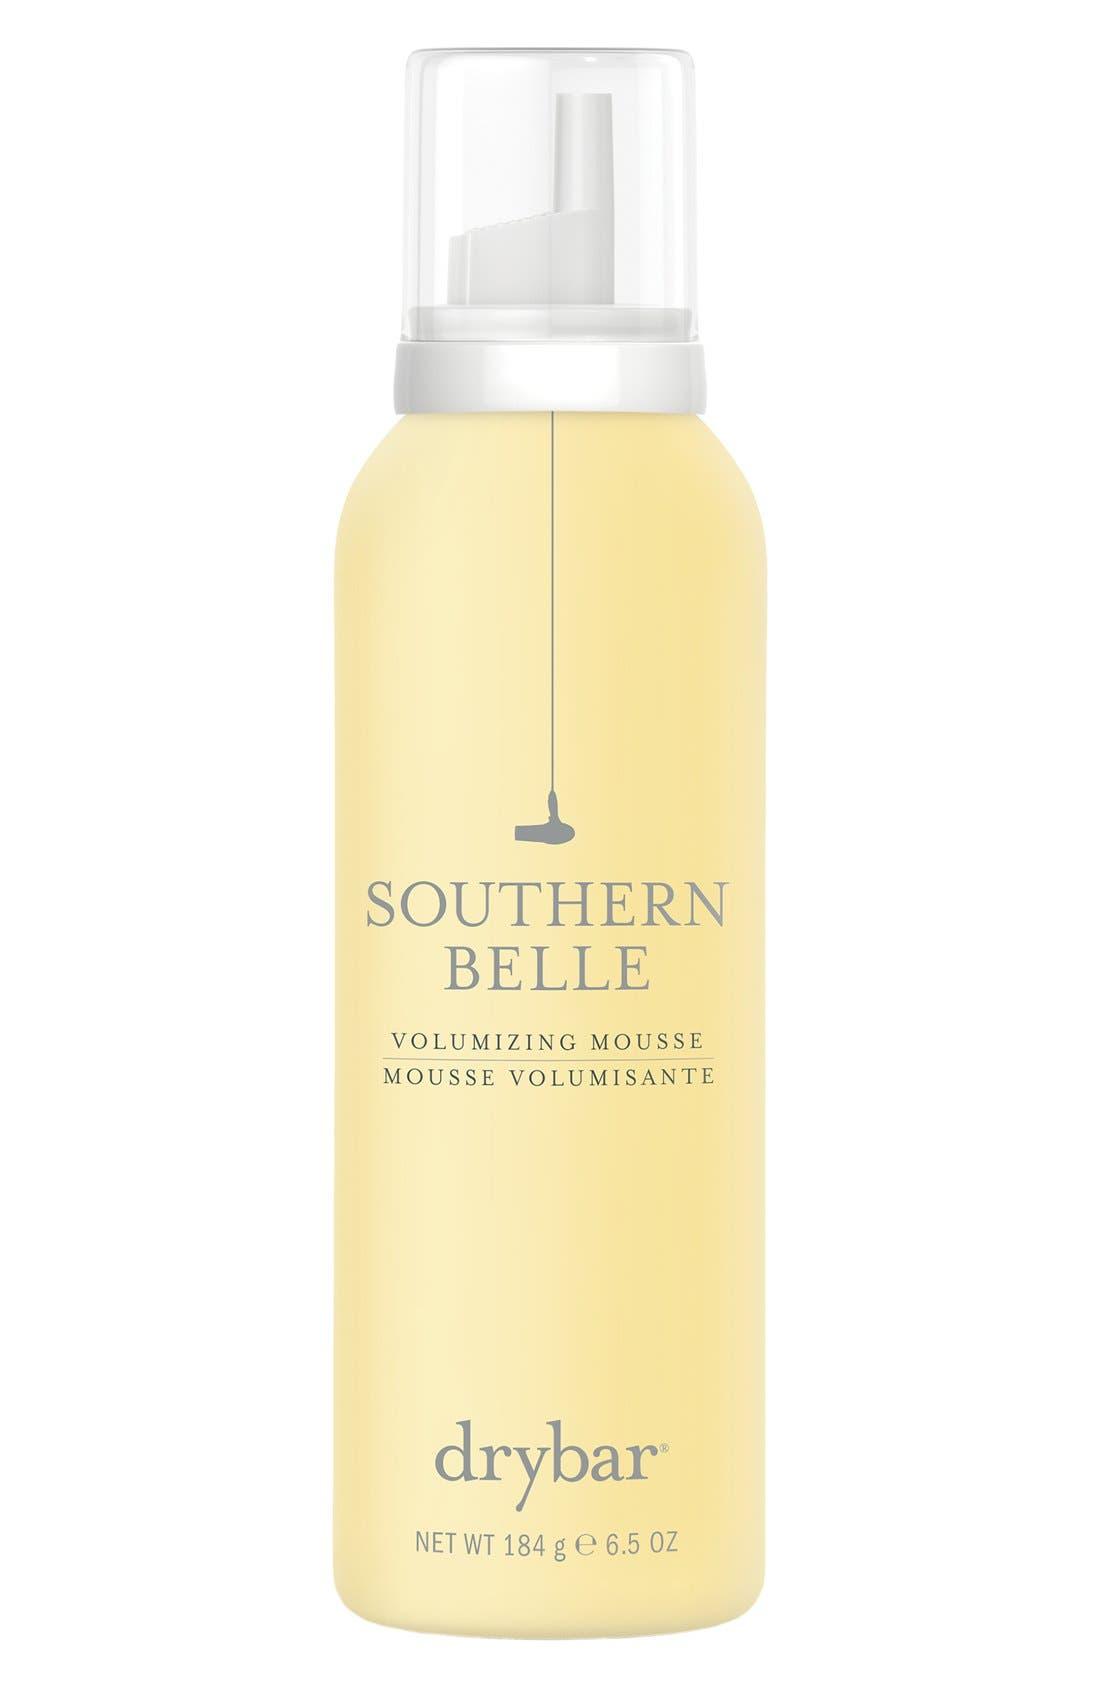 'Southern Belle' Volumizing Mousse,                             Main thumbnail 1, color,                             NO COLOR